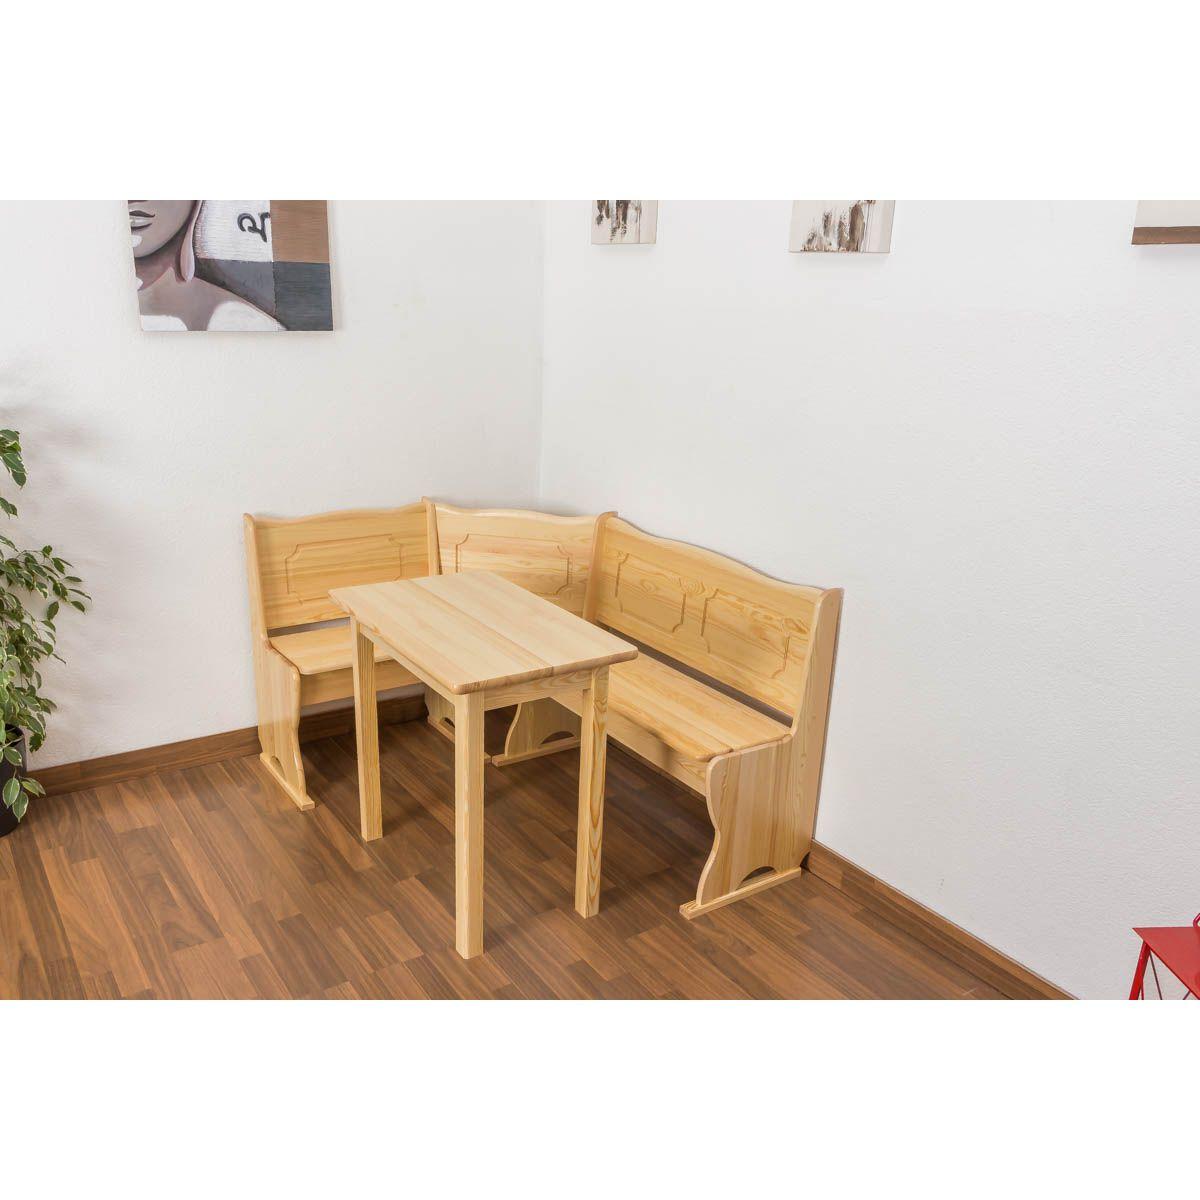 Full Size of Esstisch Quadratisch Holzplatte Groß 80x80 Rustikal Holz Ausziehbar Massiv Esstische Massivholz Großer Teppich Stühle Modern Altholz Akazie Klein Und Mit Esstische Kleiner Esstisch